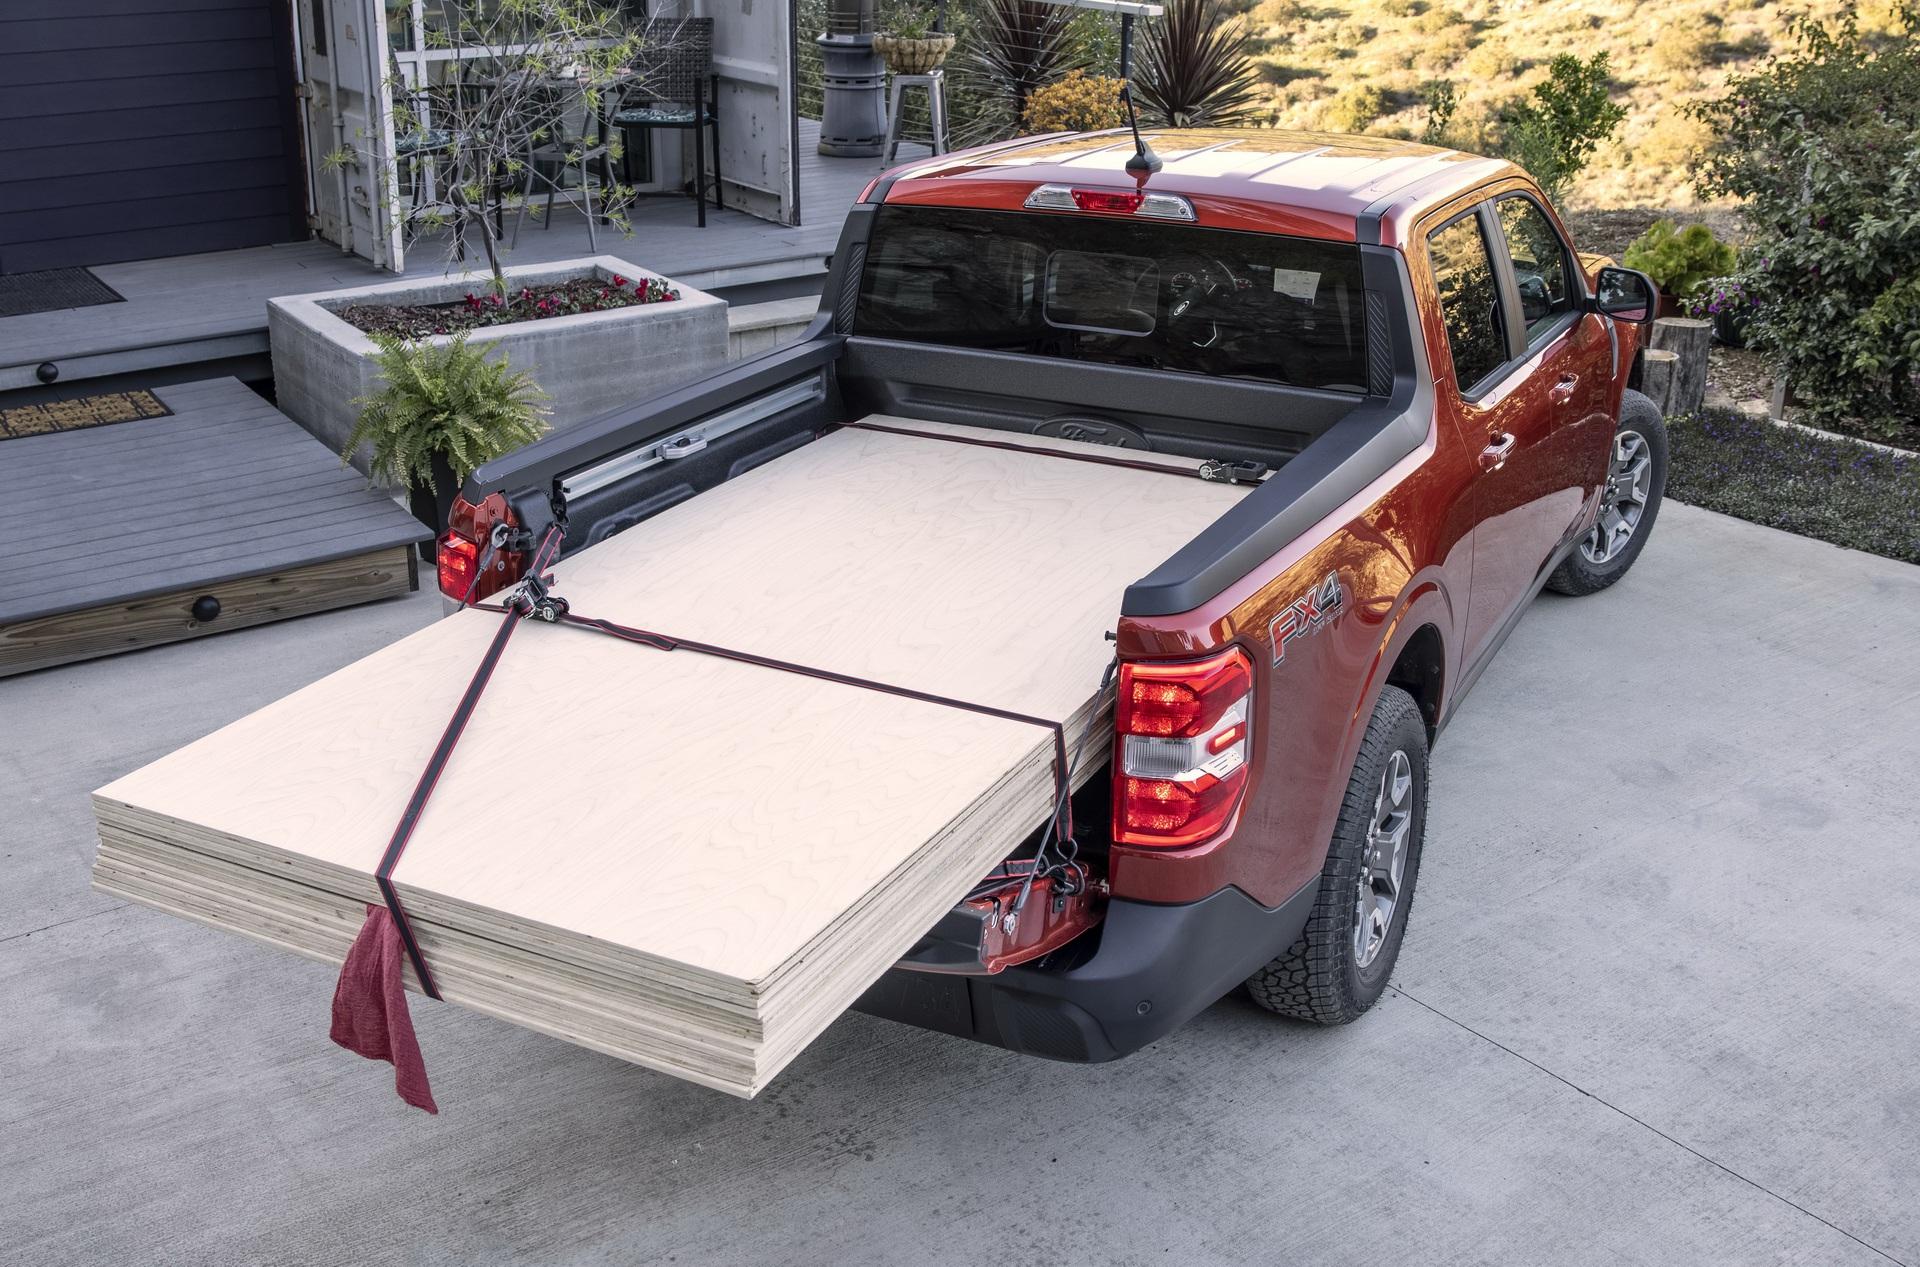 Ford ra mắt mẫu xe bán tải Maverick nhỏ hơn Ranger - 16